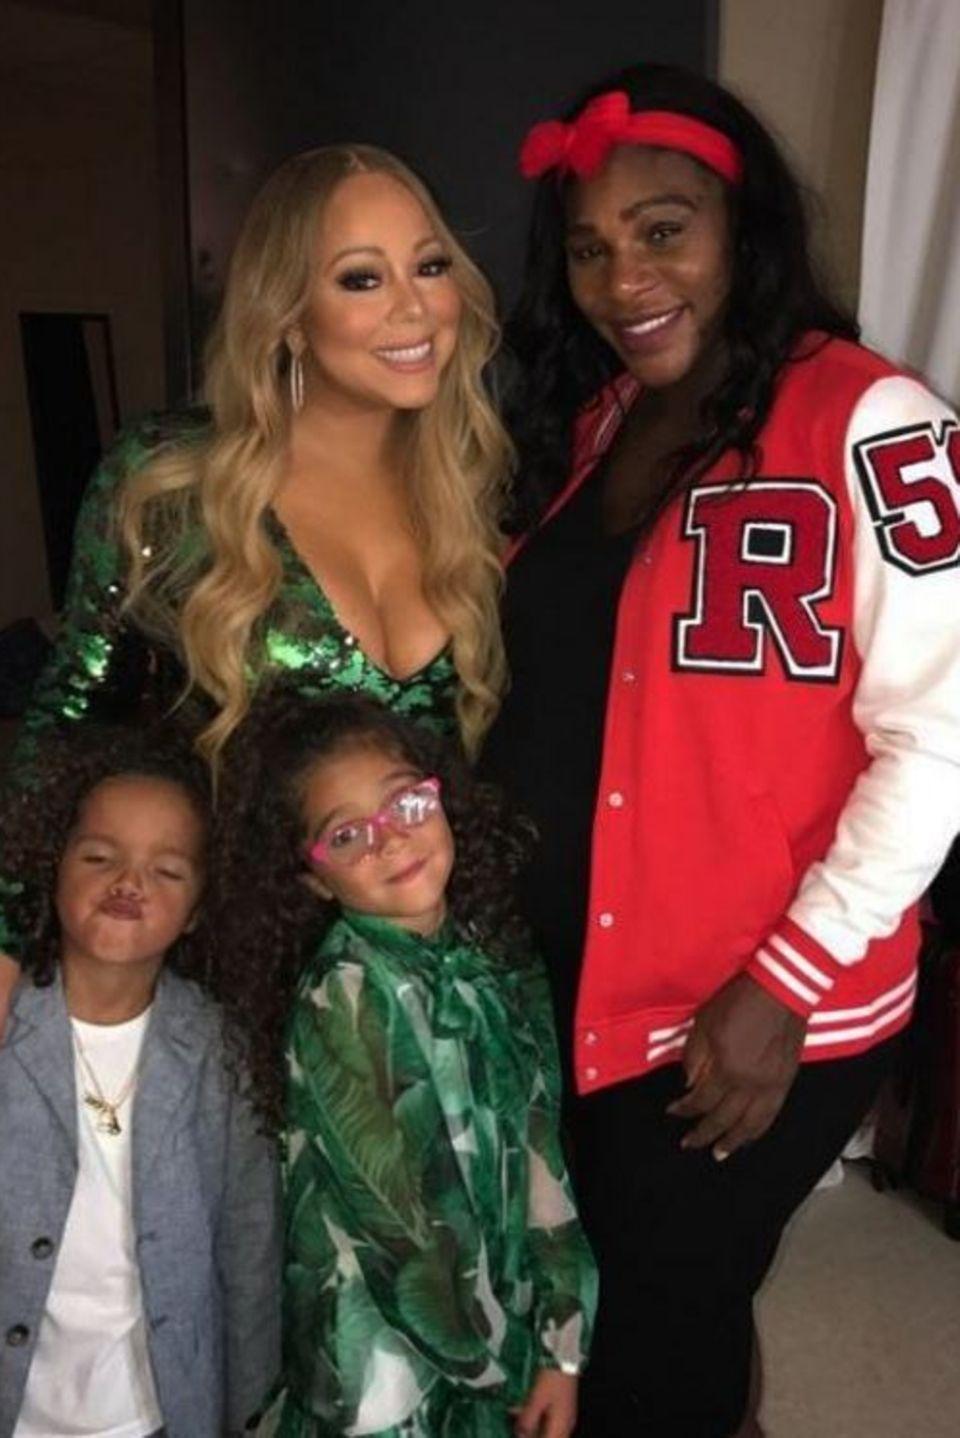 Mariah Carey und Serena Williams  Die Pop-Diva und das Tennis-Ass verstehen sich blendend. Auf dem Foto besucht Serena Williams Mariah und ihre Kids Backstage.